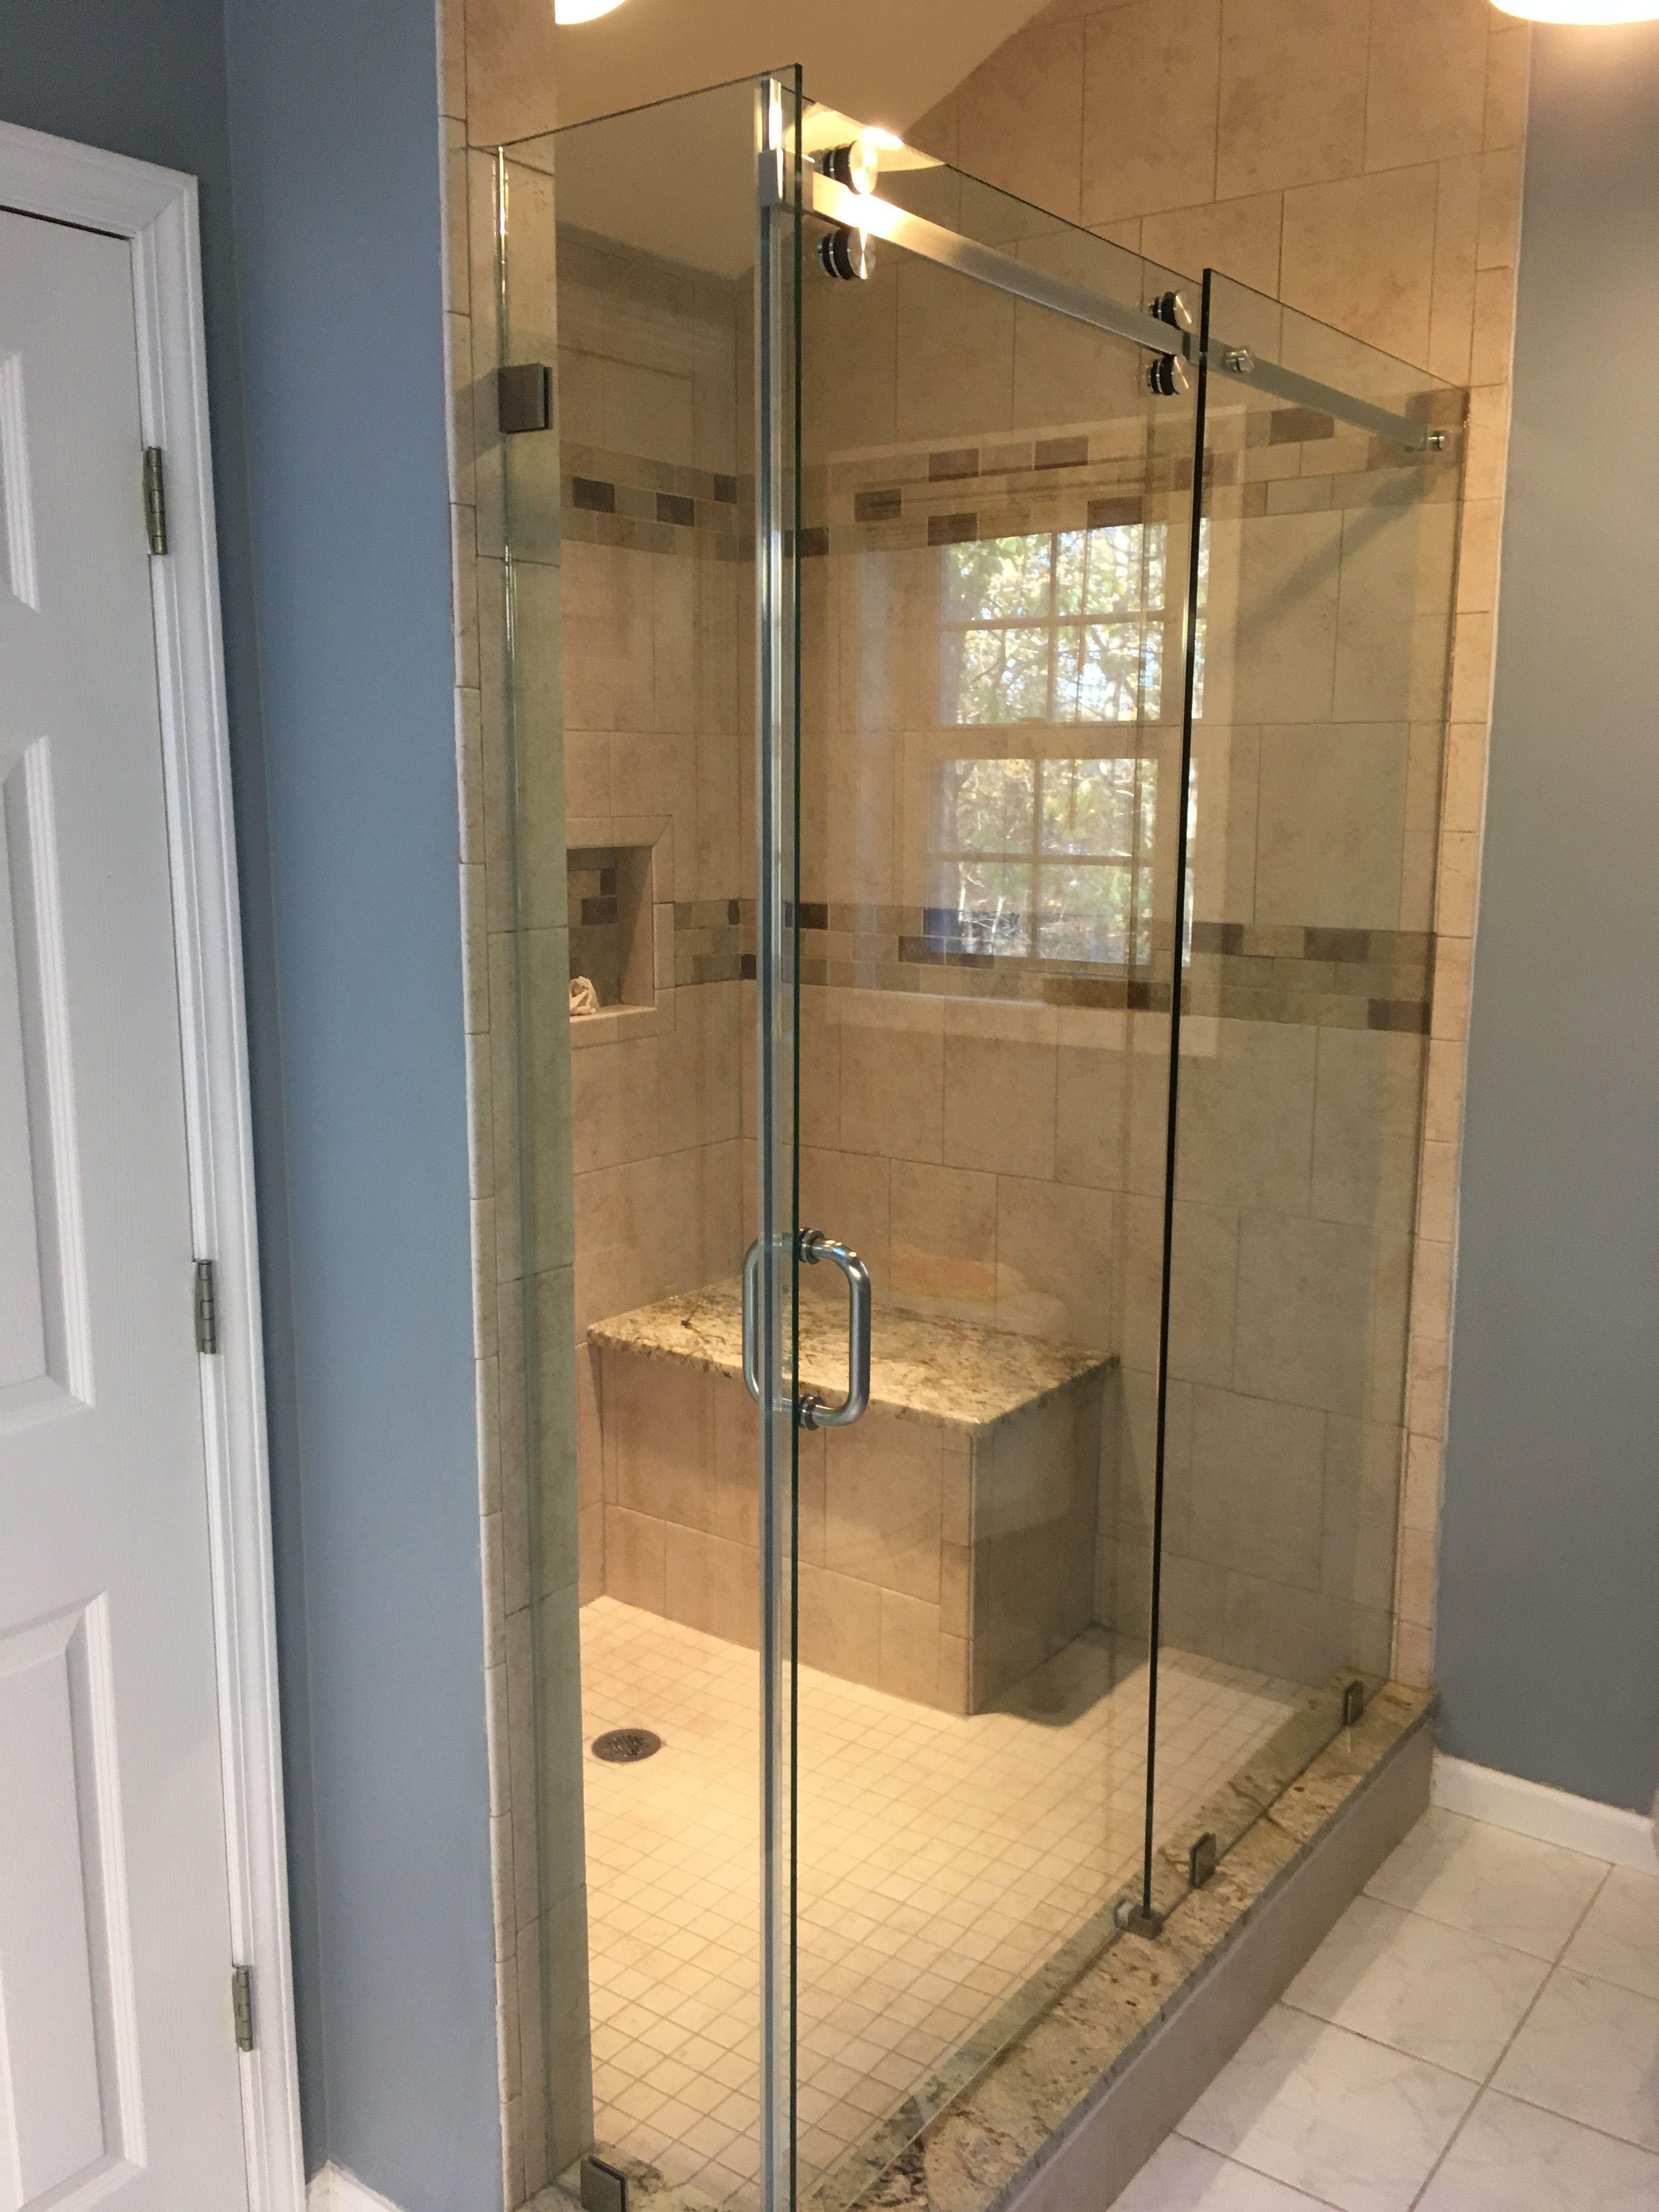 Serenity Shower Door Sliding Door Barn Slider Header Chrome 6 Inch Pull Return Panel Small Return Shower Doors Frameless Shower Doors Framed Shower Door